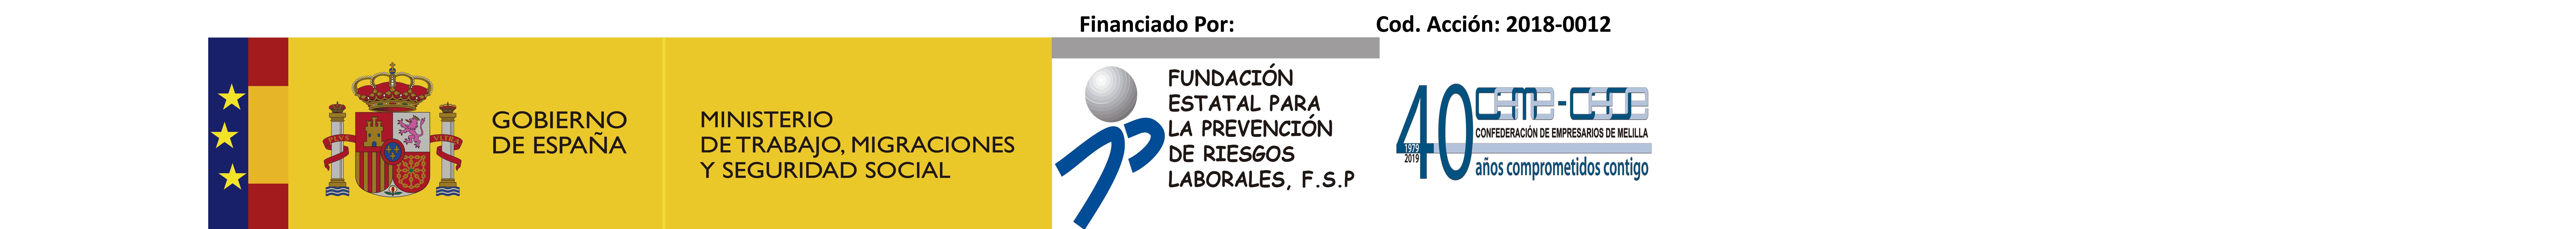 Oficina de Asesoramiento Técnico e Información de Prevención de Riesgos Laborales